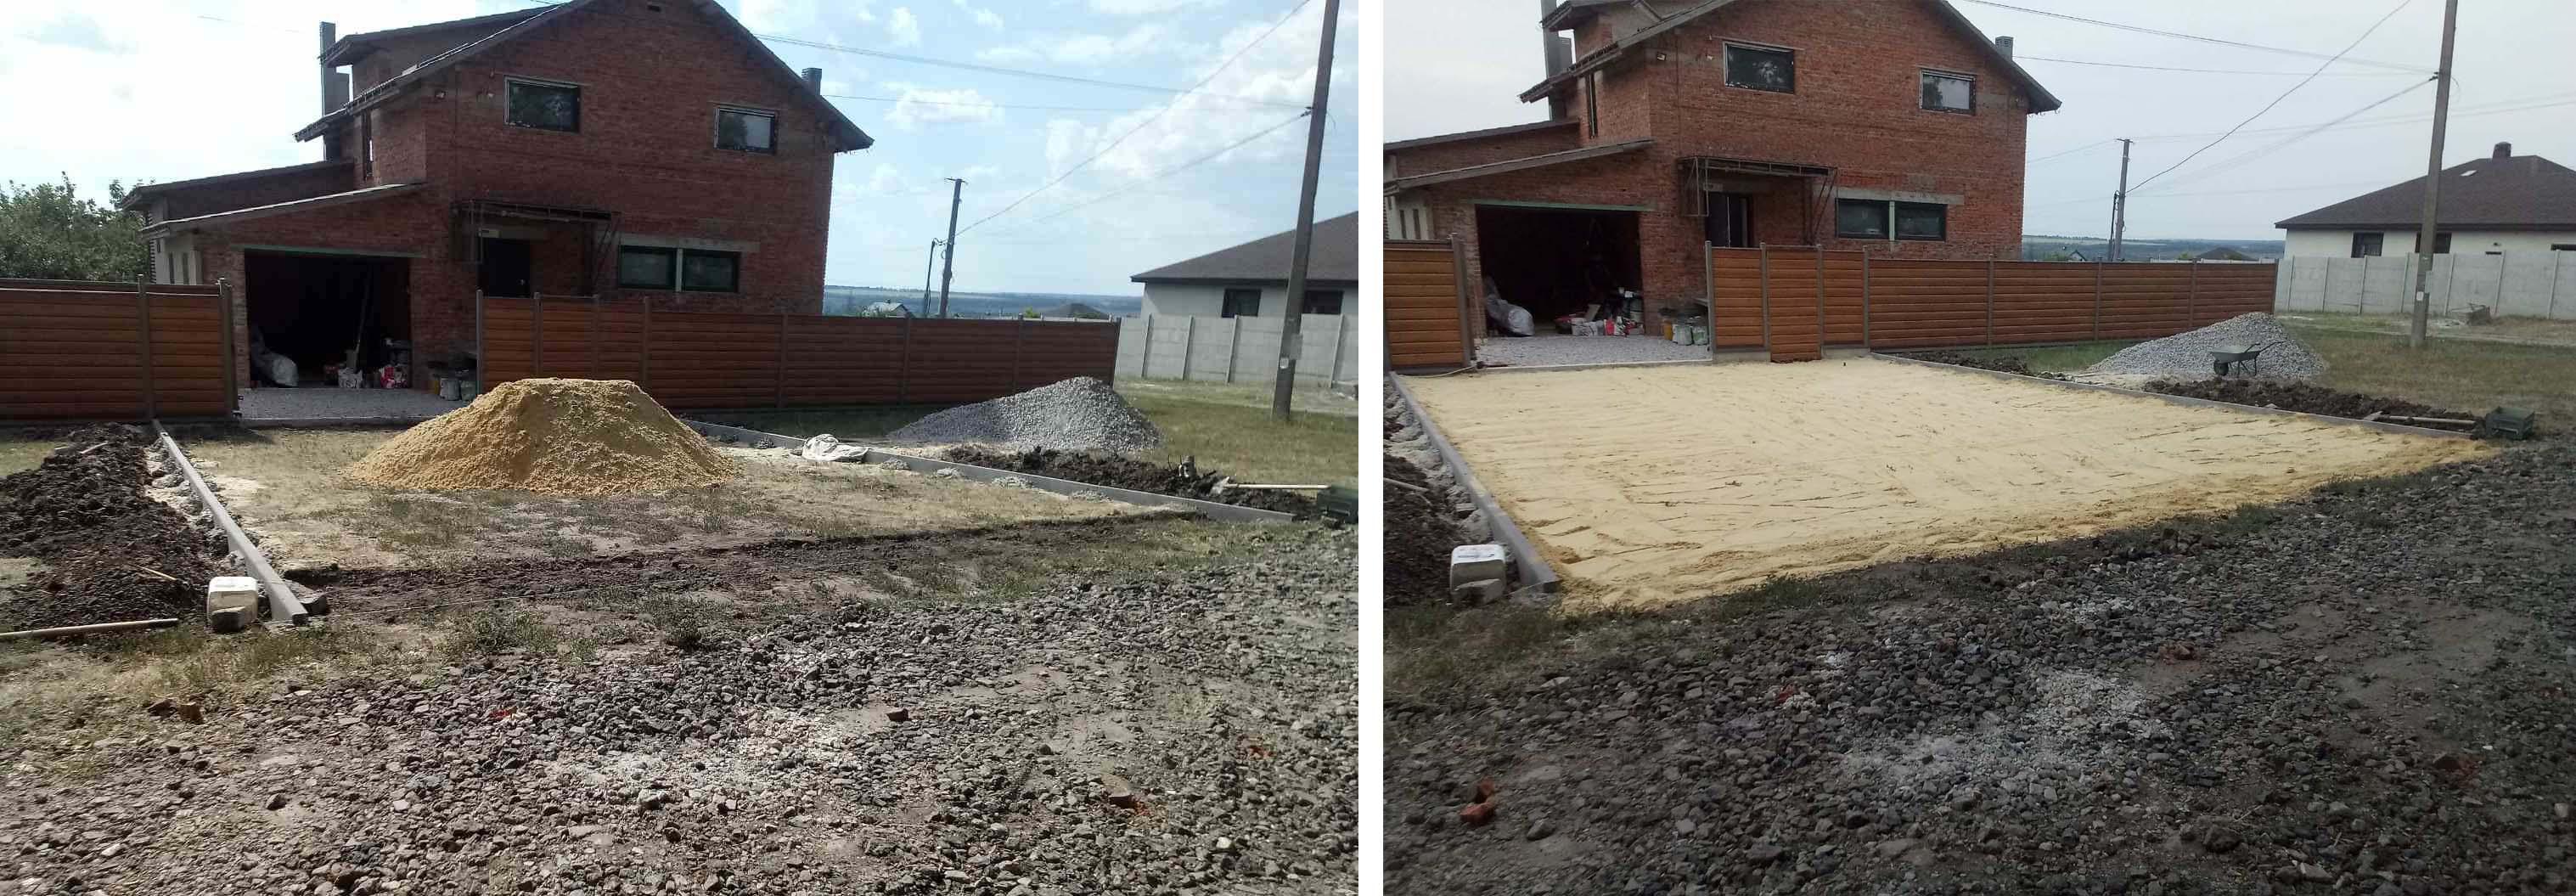 Фото Конец августа 2020 года. Малая Даниловка. Планировка песка на въезде. Объём примерно 6 кубометров. Затраченное время 6 часов. Площадь 100 квадратных метров. Тачка, лопаты, грабли и каток были предоставлены Заказчиком.